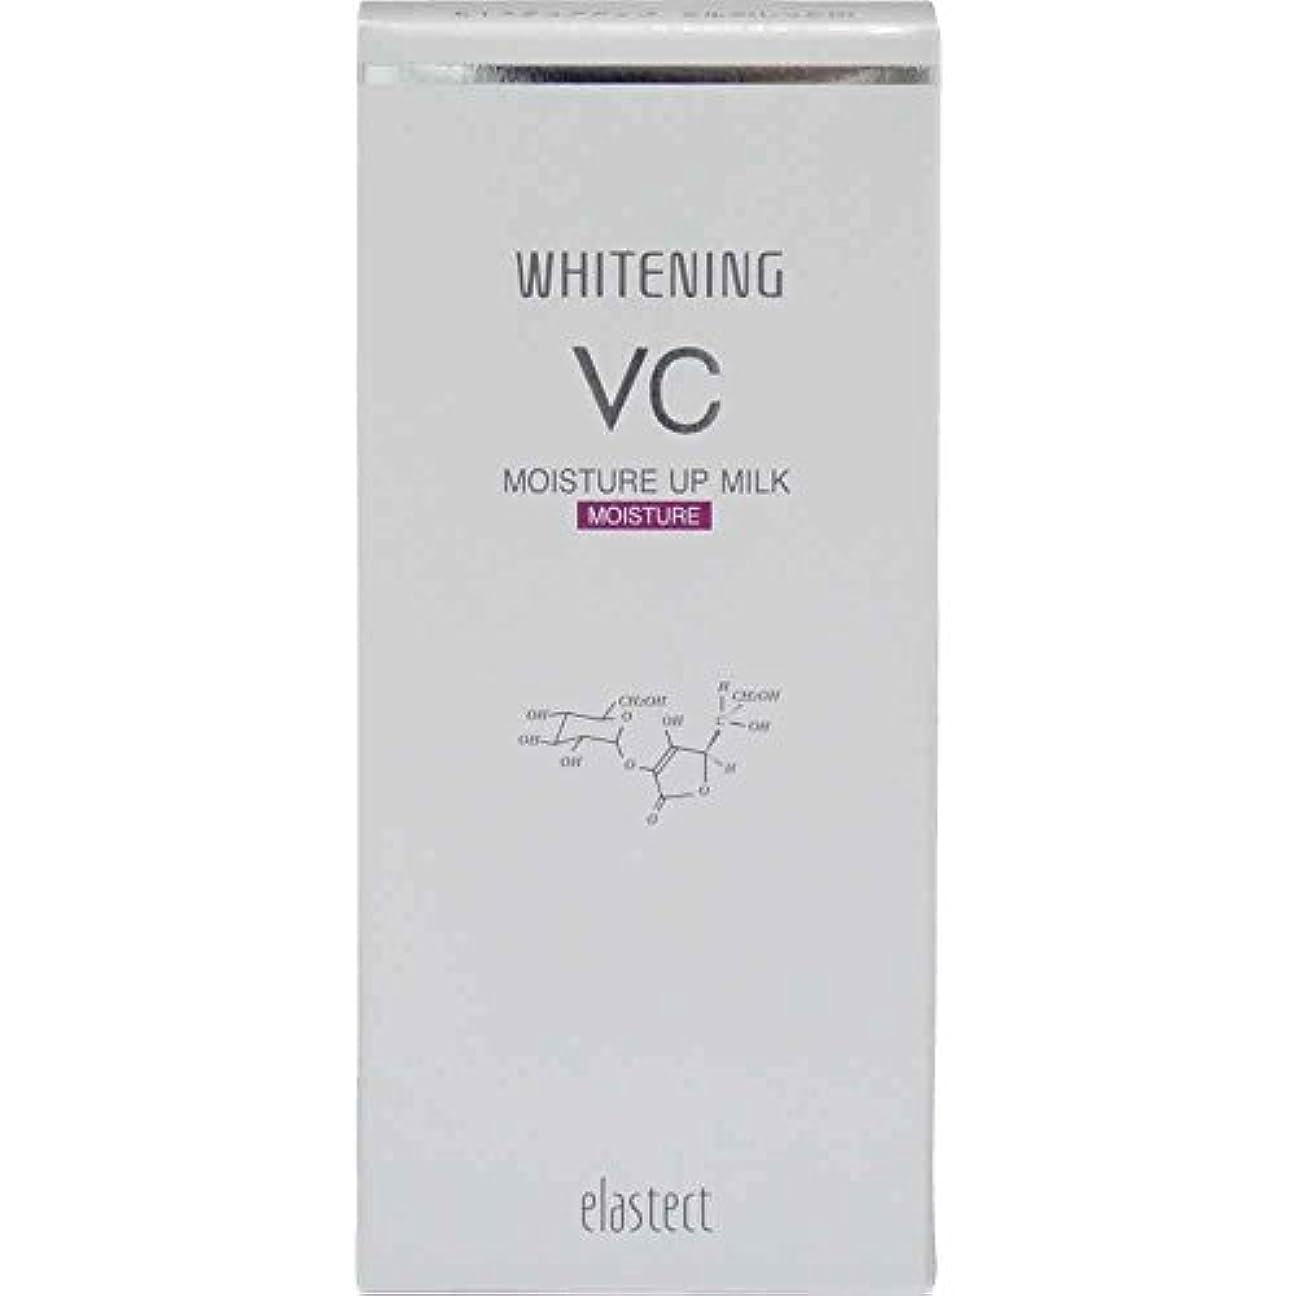 医療の嫌い寄託エラステクト ホワイトニング モイスチュアアップミルクVC(M) しっとりタイプ 120mL 【医薬部外品】